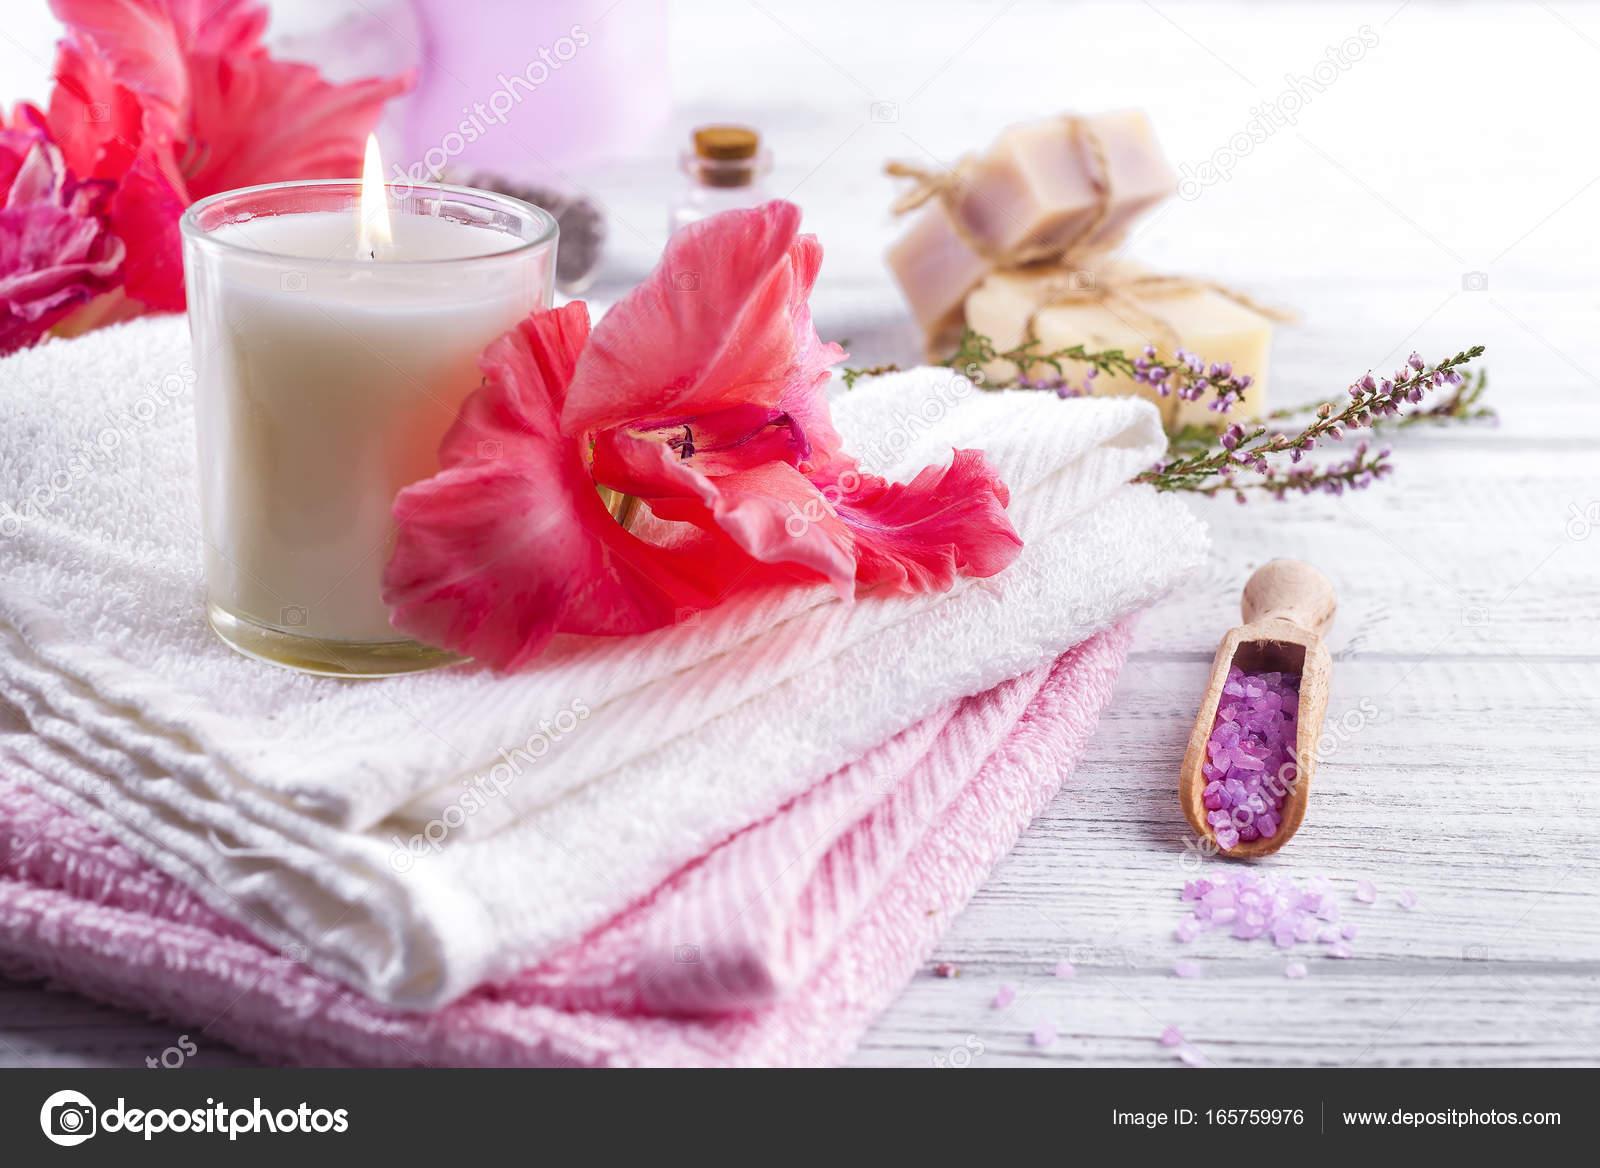 Spa wellness blumen  Wellness Blumen und Kerzen — Stockfoto © lyulka.86 #165759976